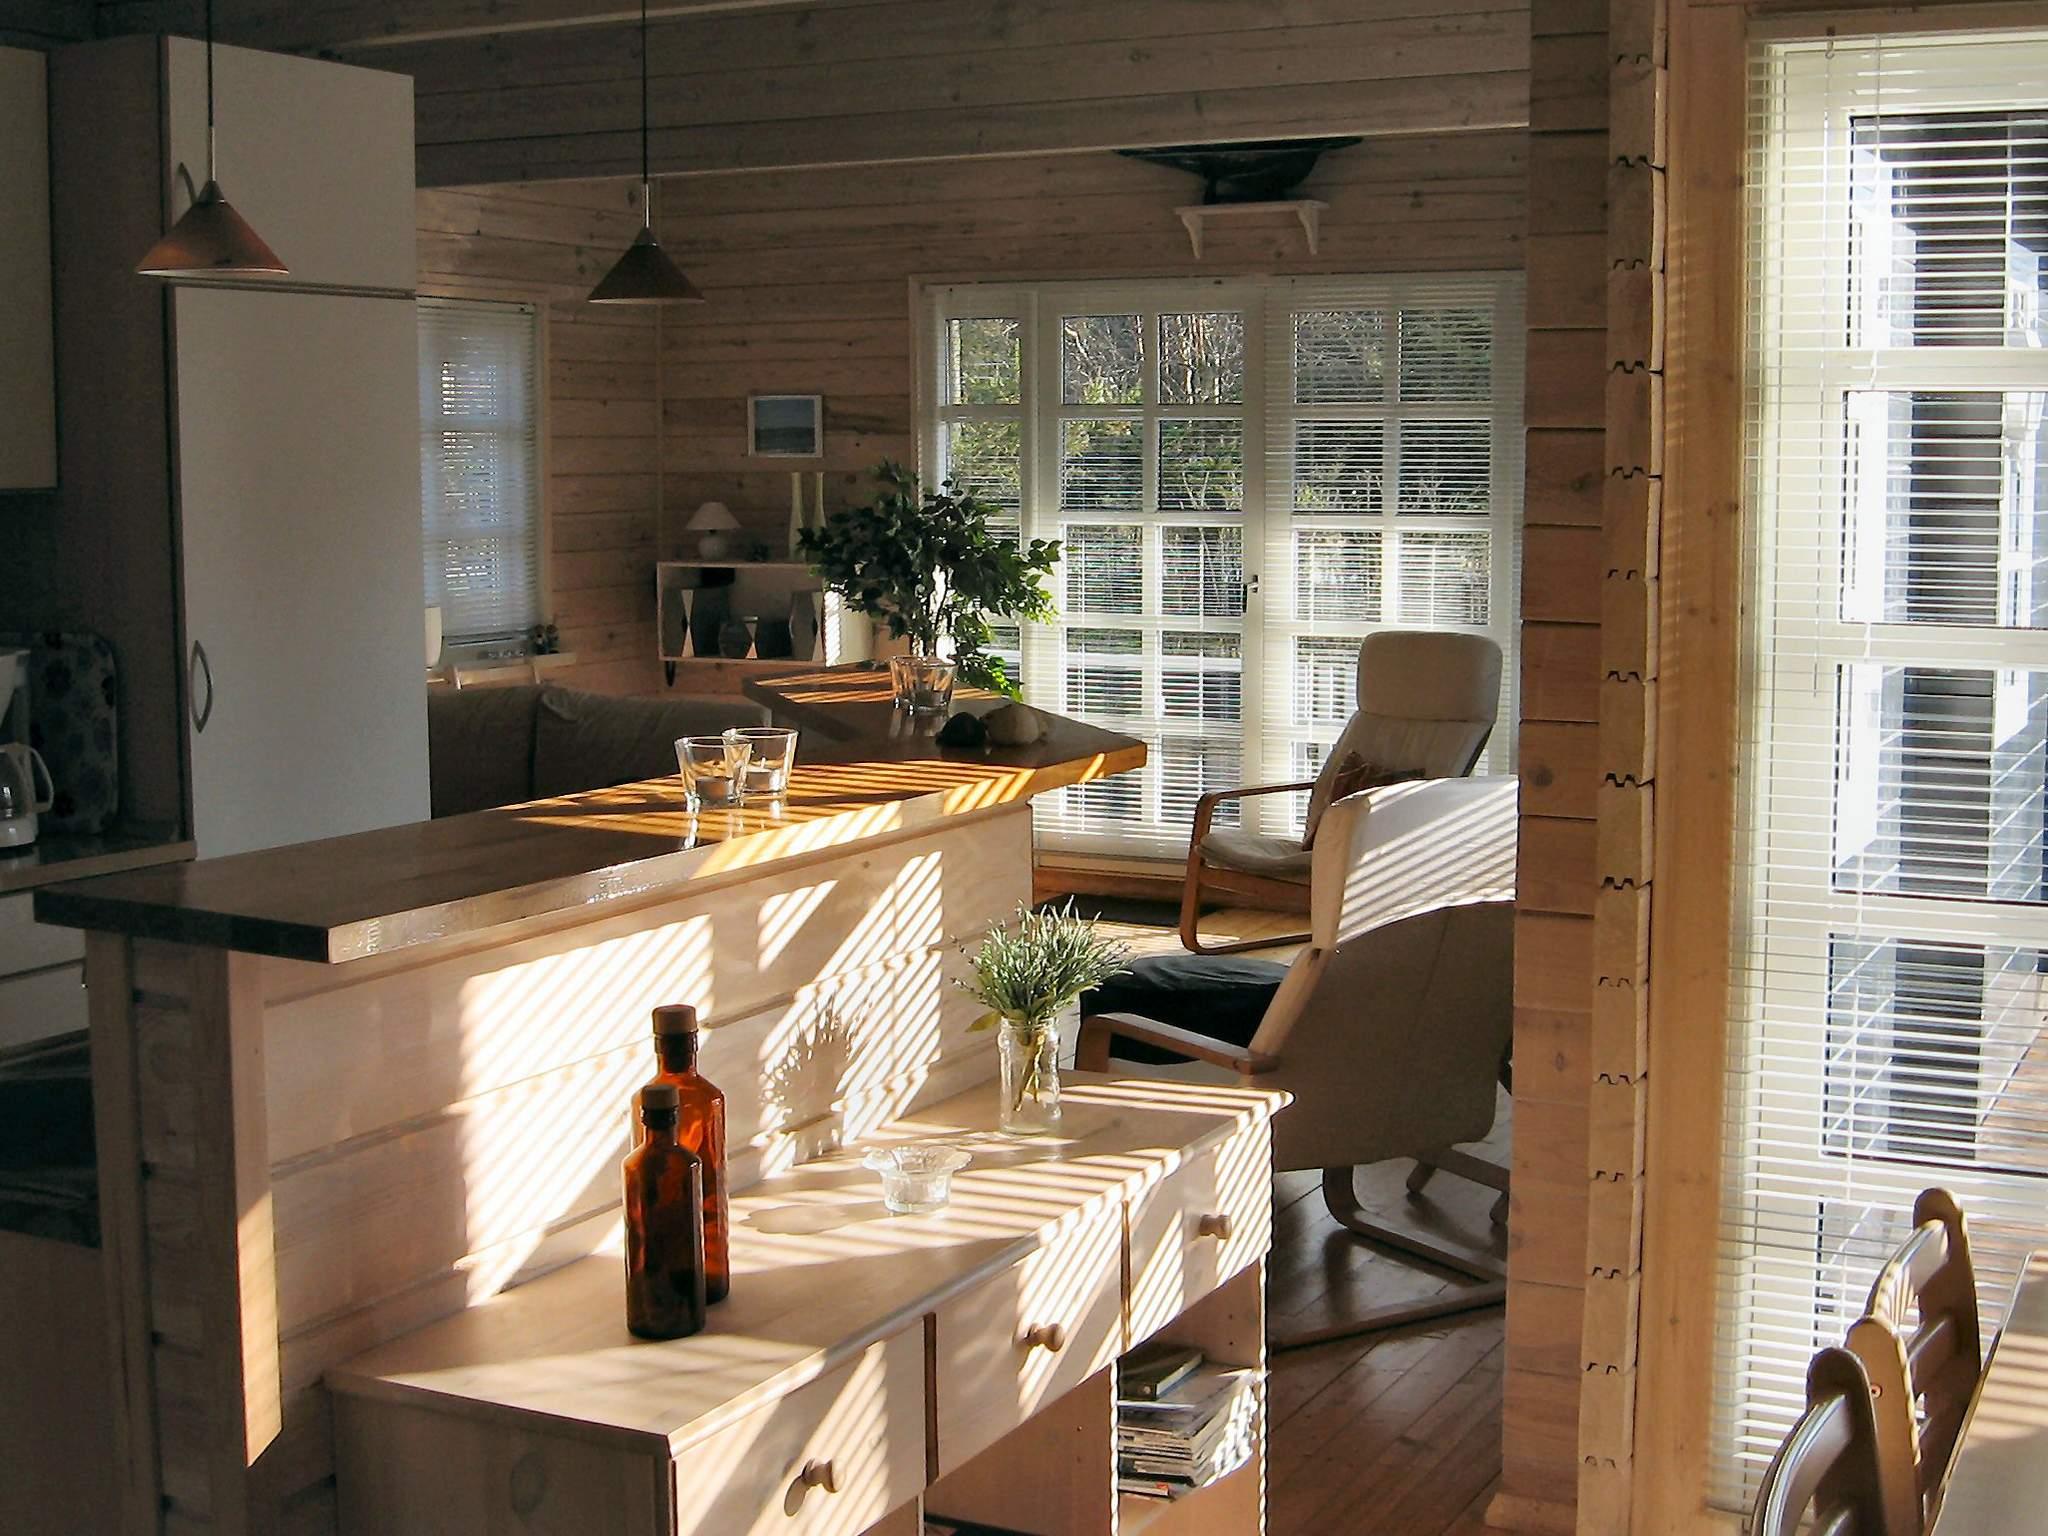 Ferienhaus Trend (86925), Løgstør, , Limfjord, Dänemark, Bild 13